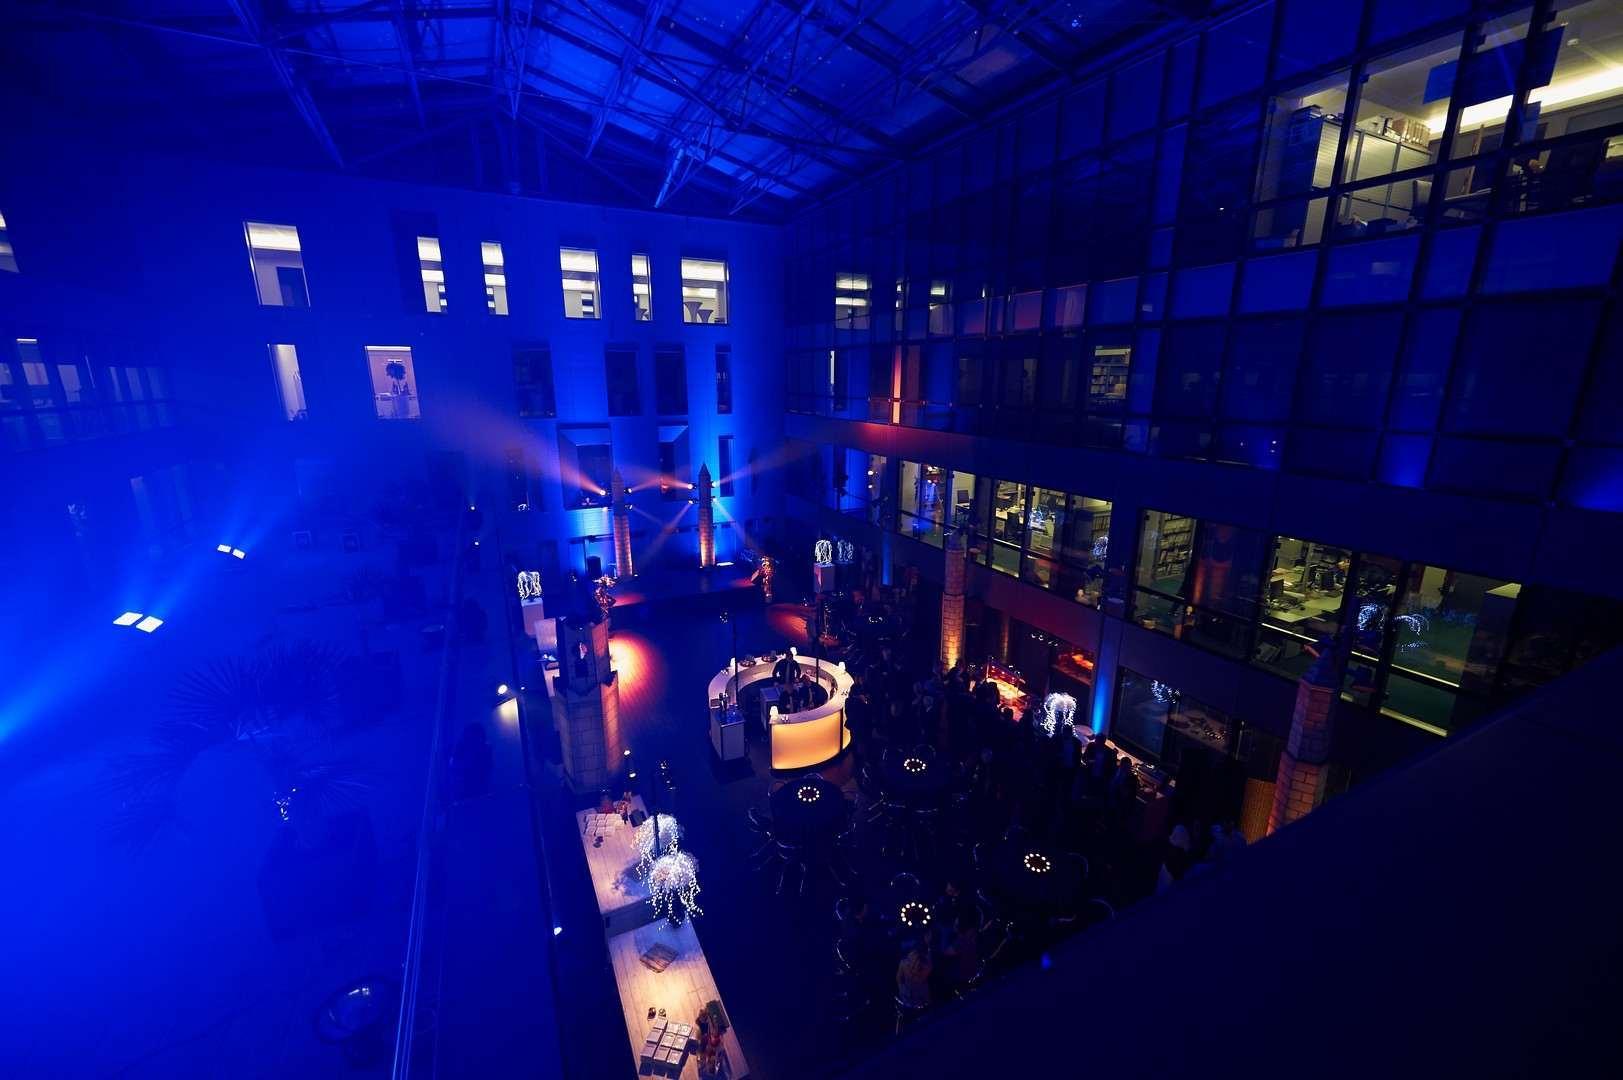 xmas-degroof-petercam-2016-carte-blanche-evenement-luxembourg